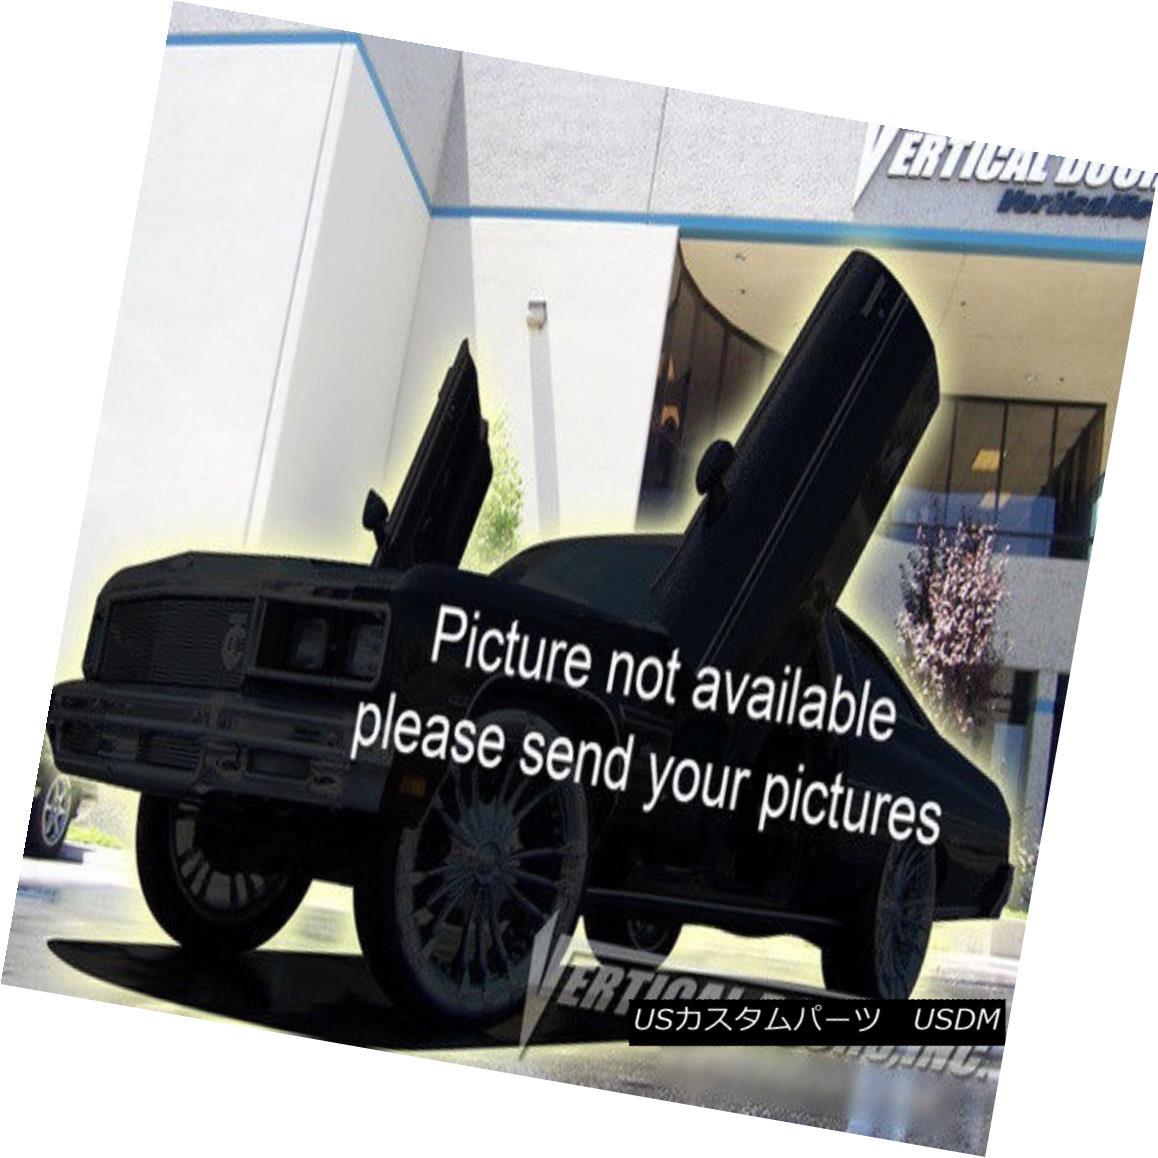 ガルウィングキット Vertical Doors Inc. Bolt-On Lambo Kit for Buick Estate Wagon 77-90 Vertical Doors Inc.ブイックエステートワゴン用ボルトオンランボキット77-90